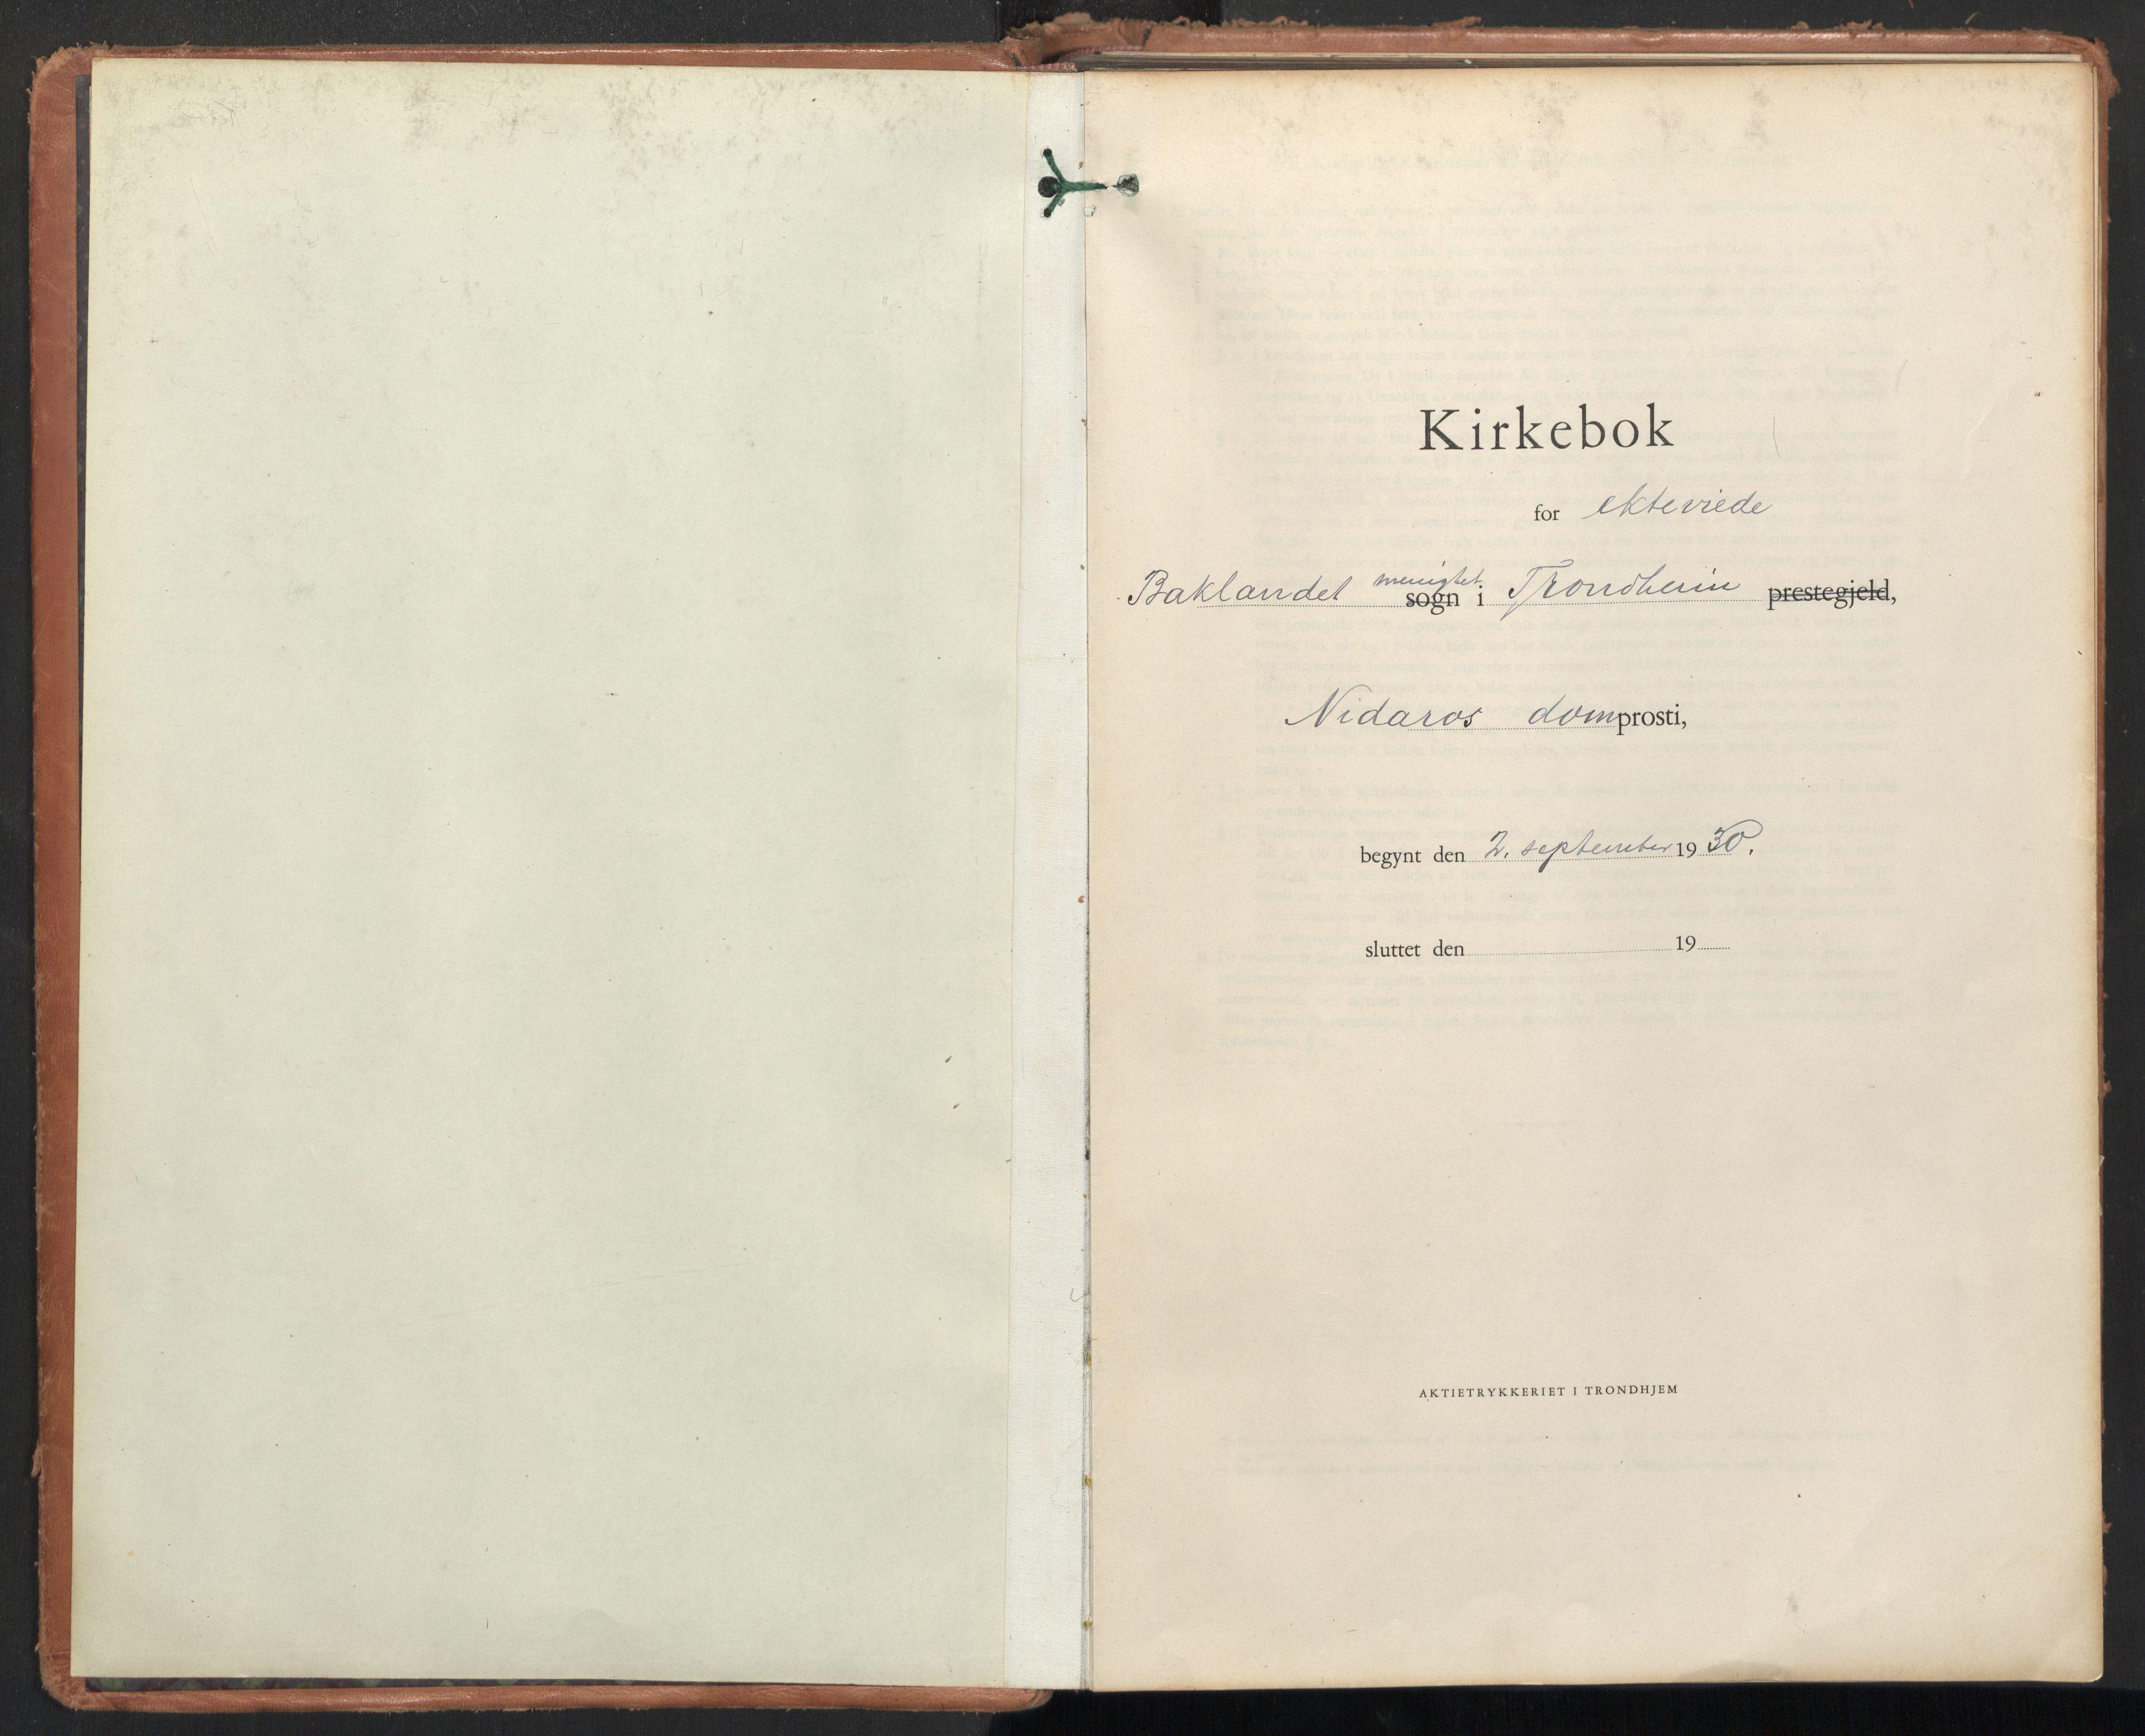 SAT, Ministerialprotokoller, klokkerbøker og fødselsregistre - Sør-Trøndelag, 604/L0209: Ministerialbok nr. 604A29, 1931-1945